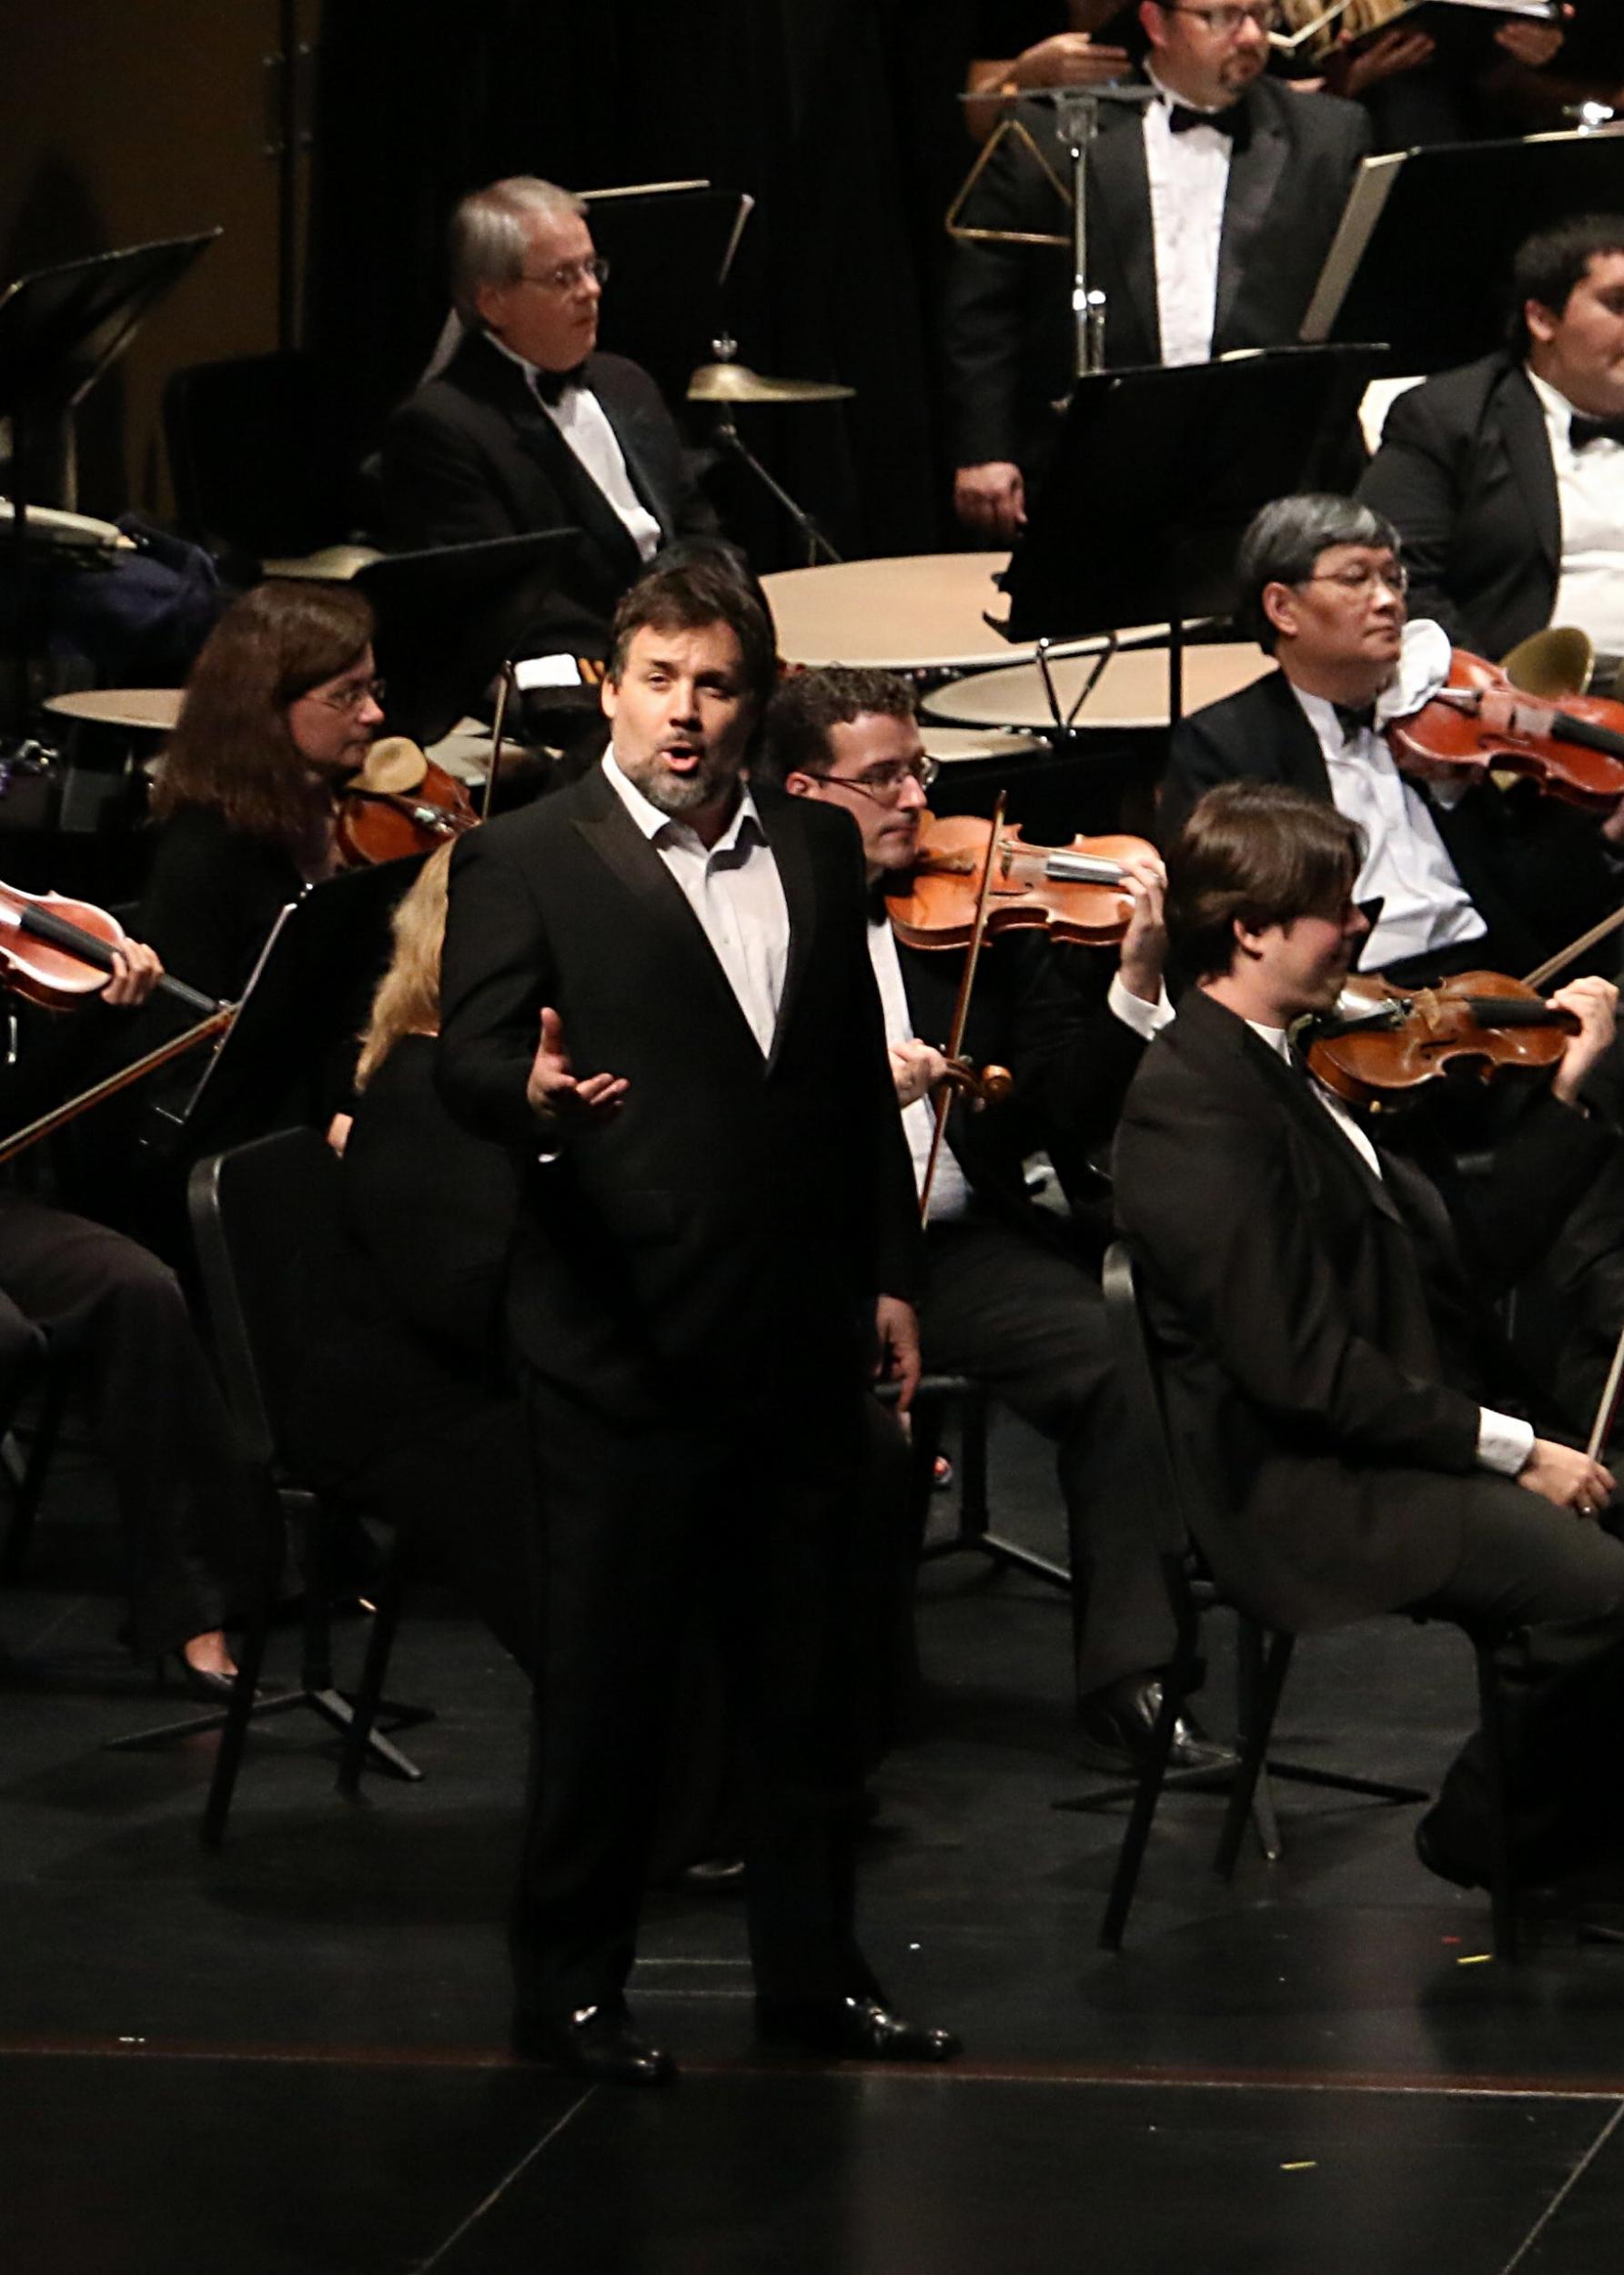 Performing Carmina Burana with the Victoria Symphony